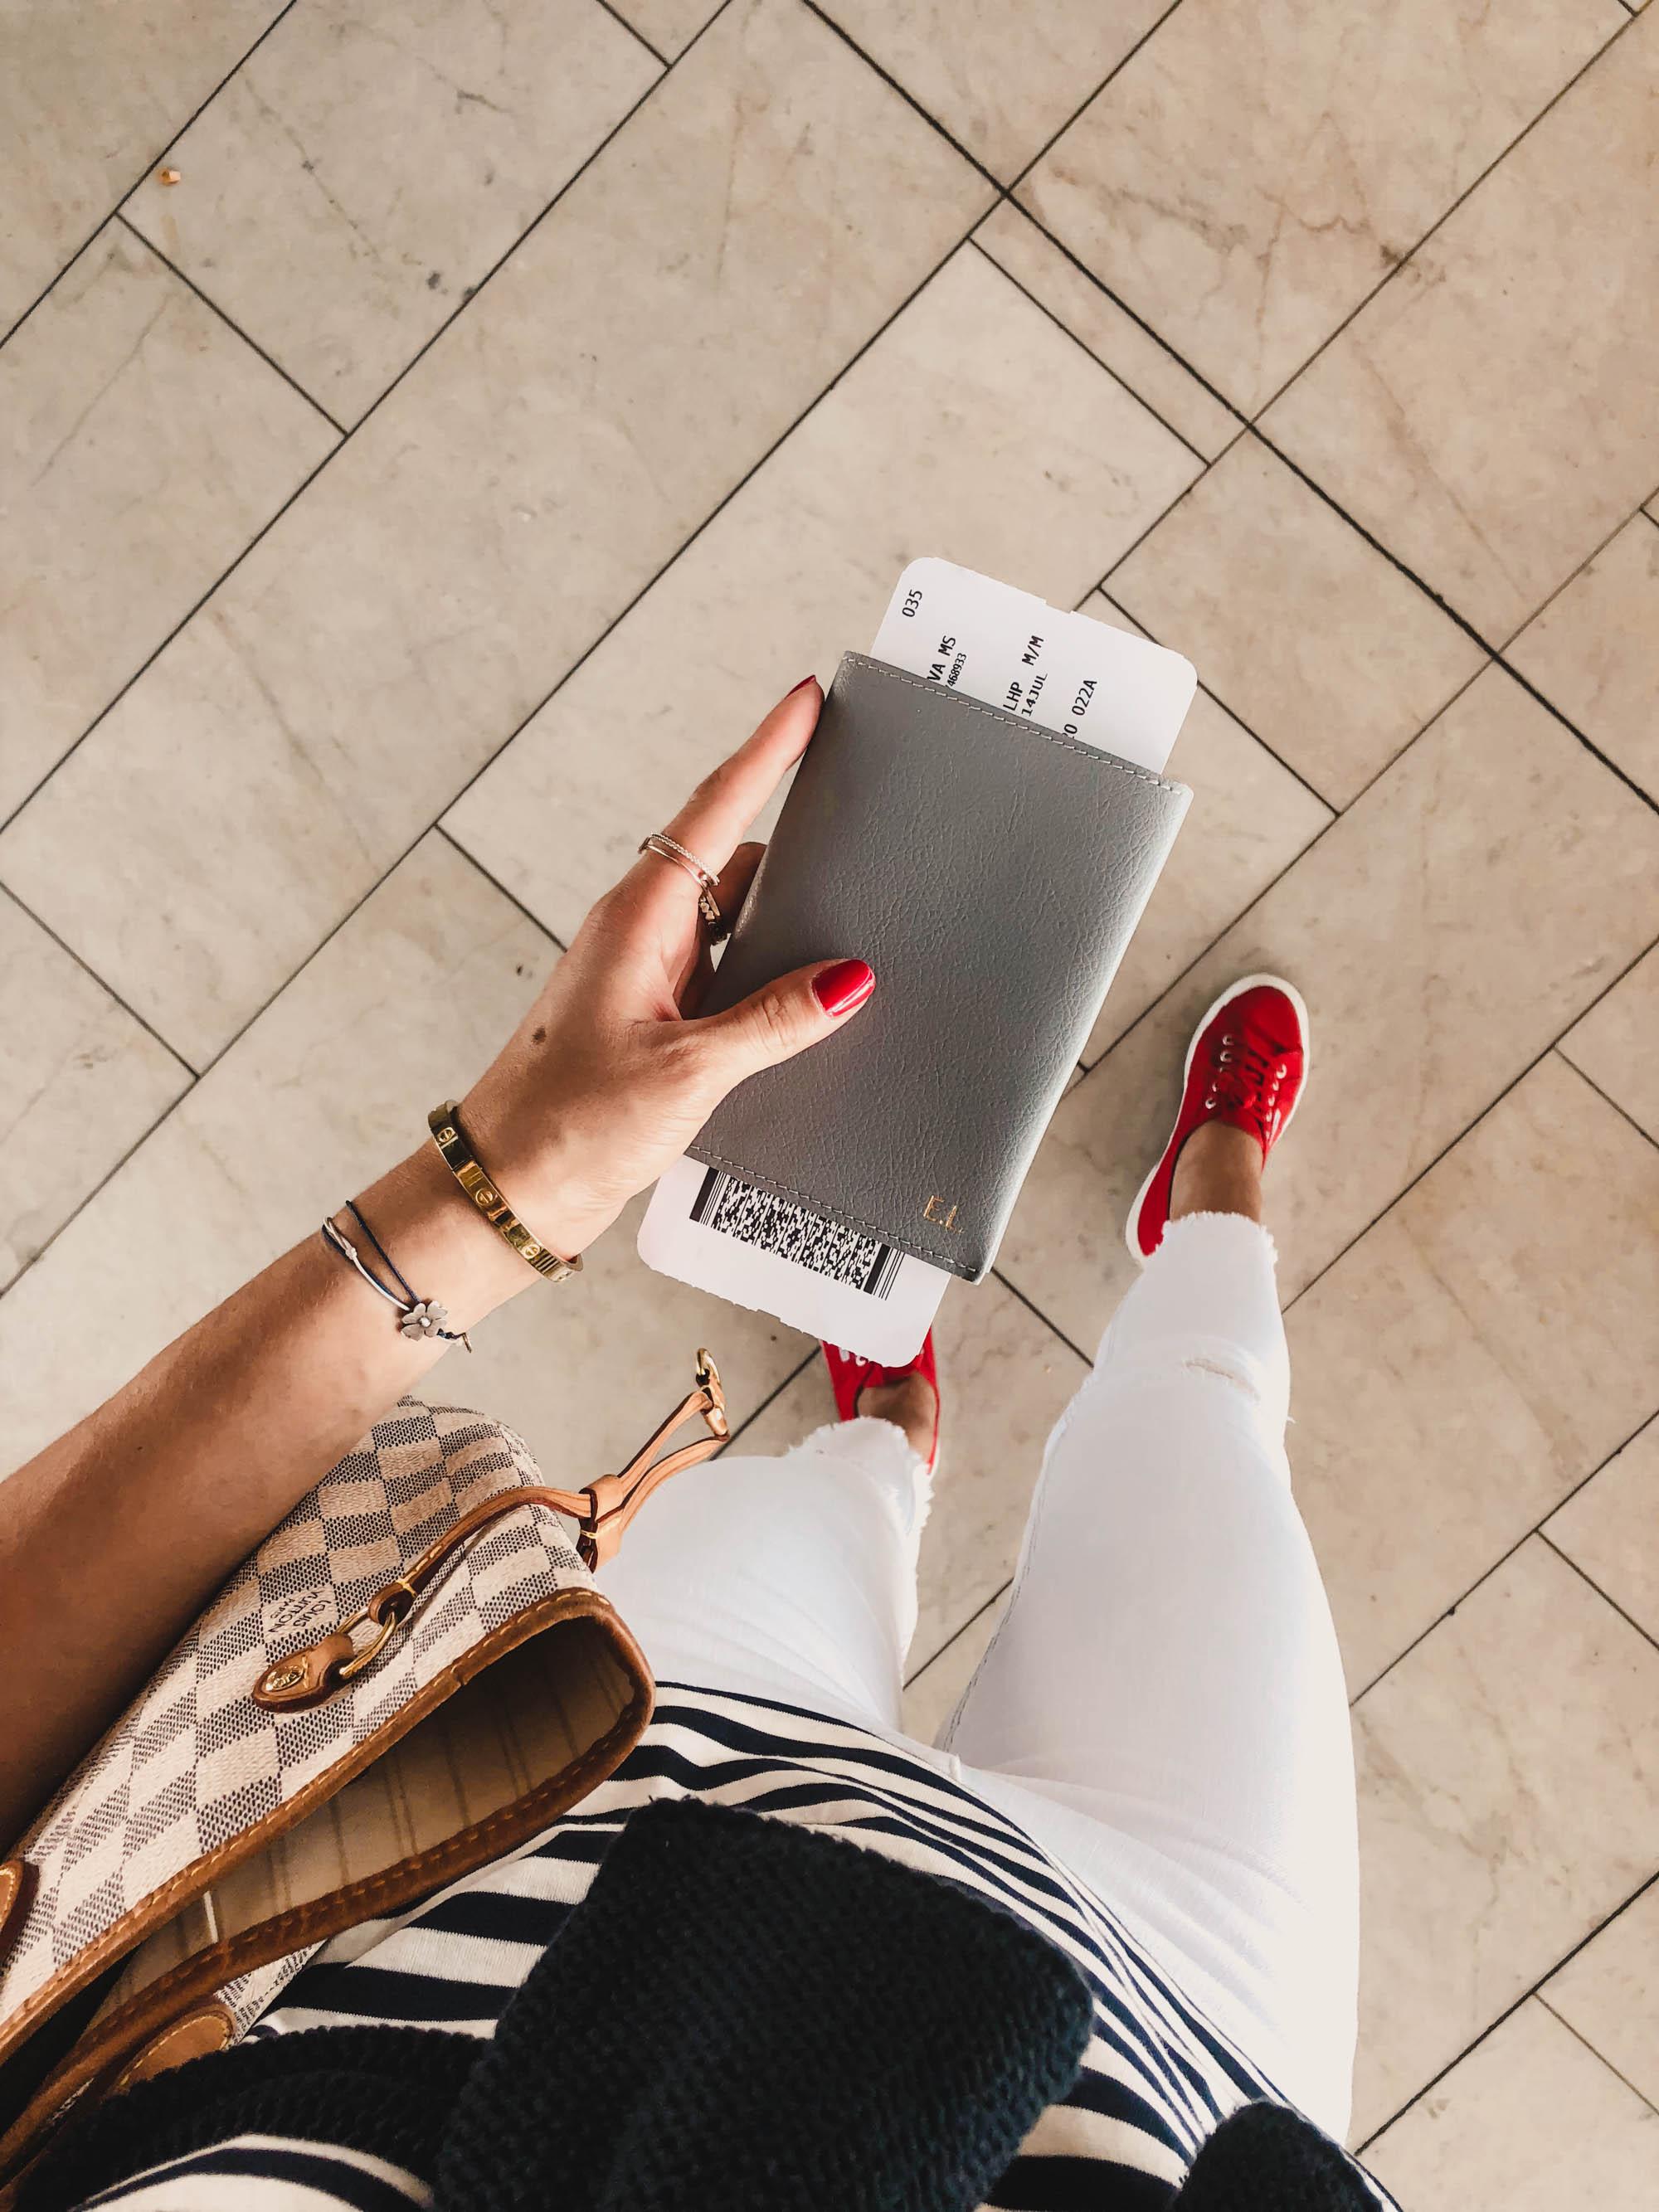 Wie mache ich meine Shellac Nägel selbst? auf dem österreichsichen Lifestyle Blog Bits and bobs by Eva. Mehr Beauty auf www.bitsandbobsbyeva.com